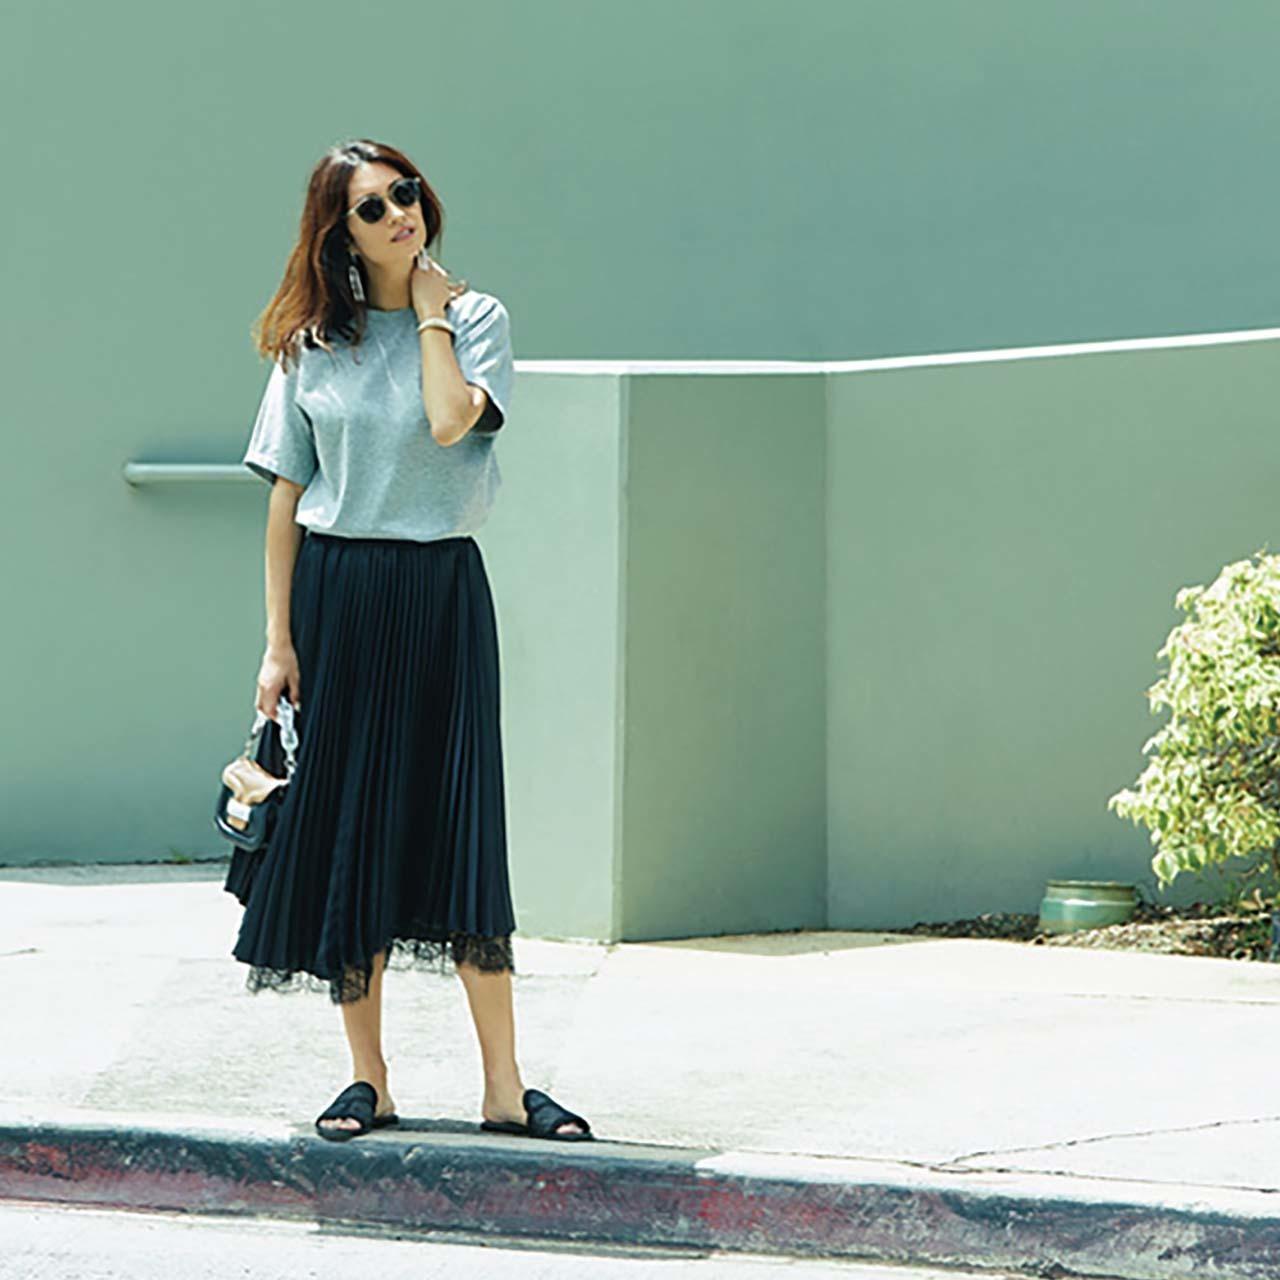 グレーのTシャツ×黒レーススカートのモノトーンコーデ